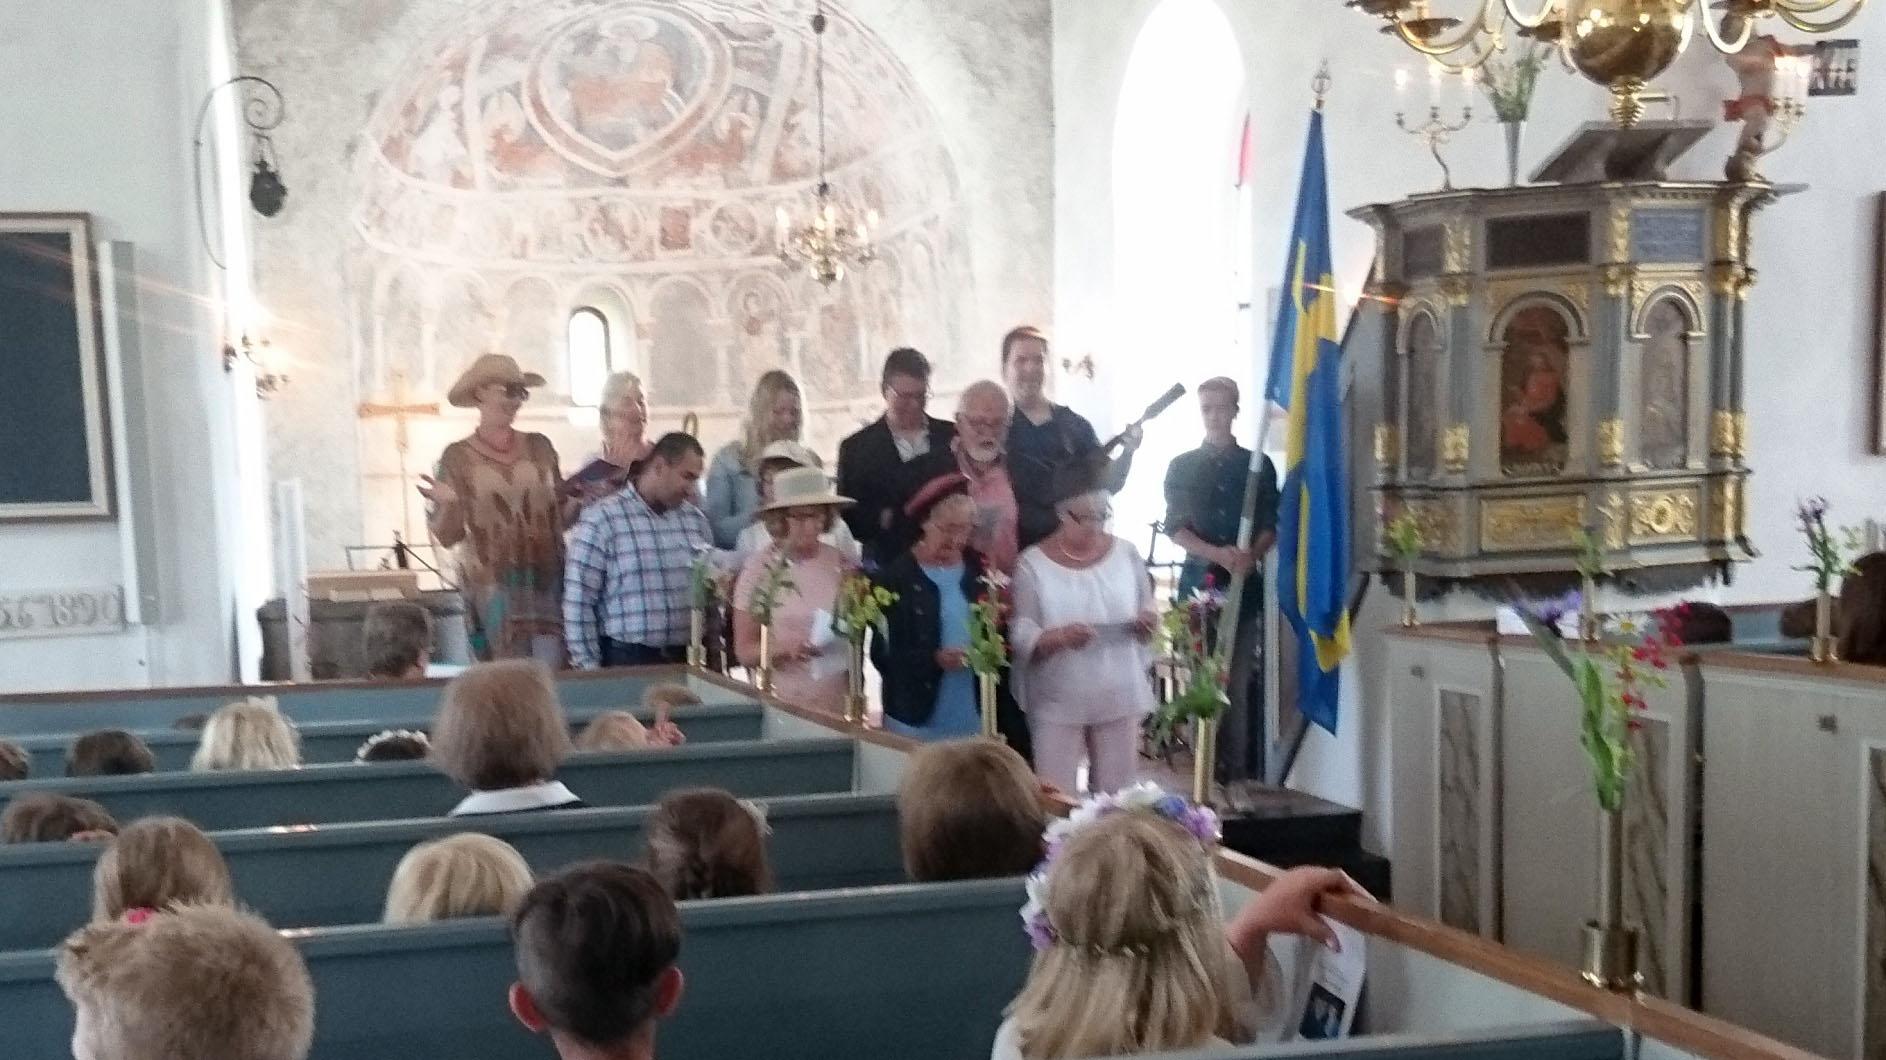 Lärarna har tagit med rekvisita i forma av solhattar och solglasögon och drar av Peps Perssons gamla slagdänga Oh Boy.